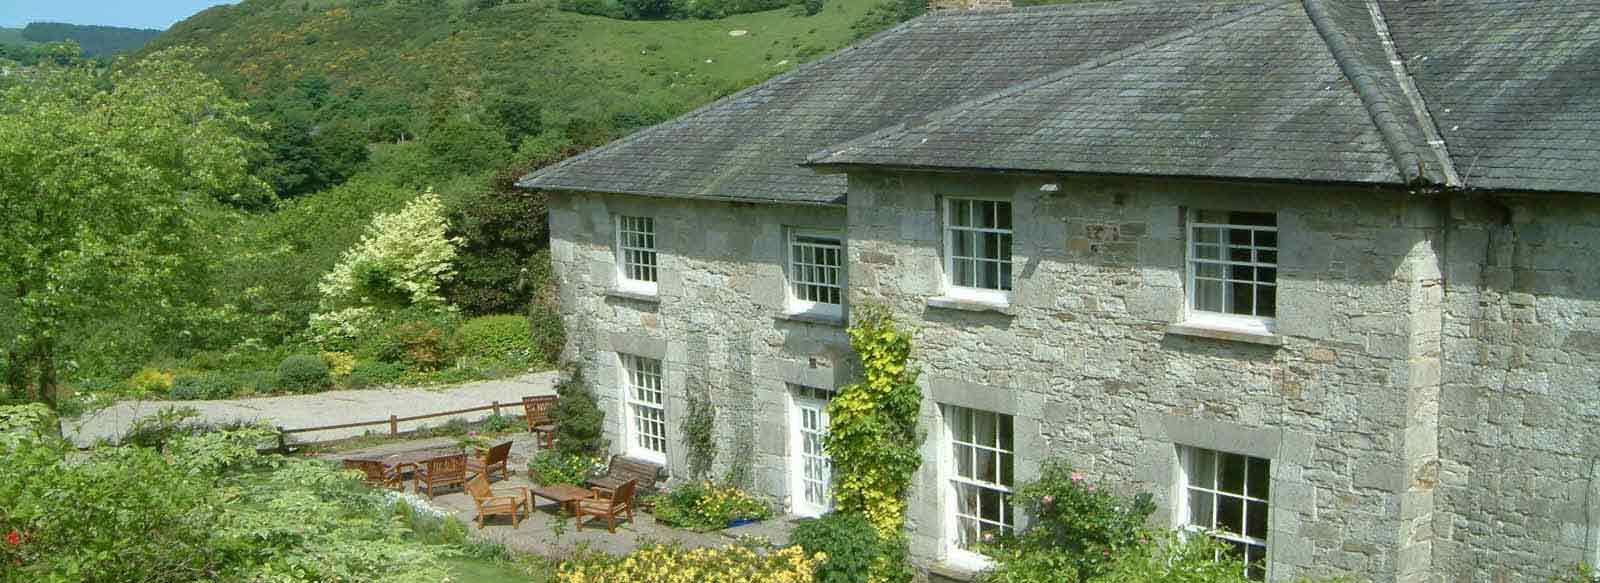 check accommodation at Pen-y-Dyffryn Hotel